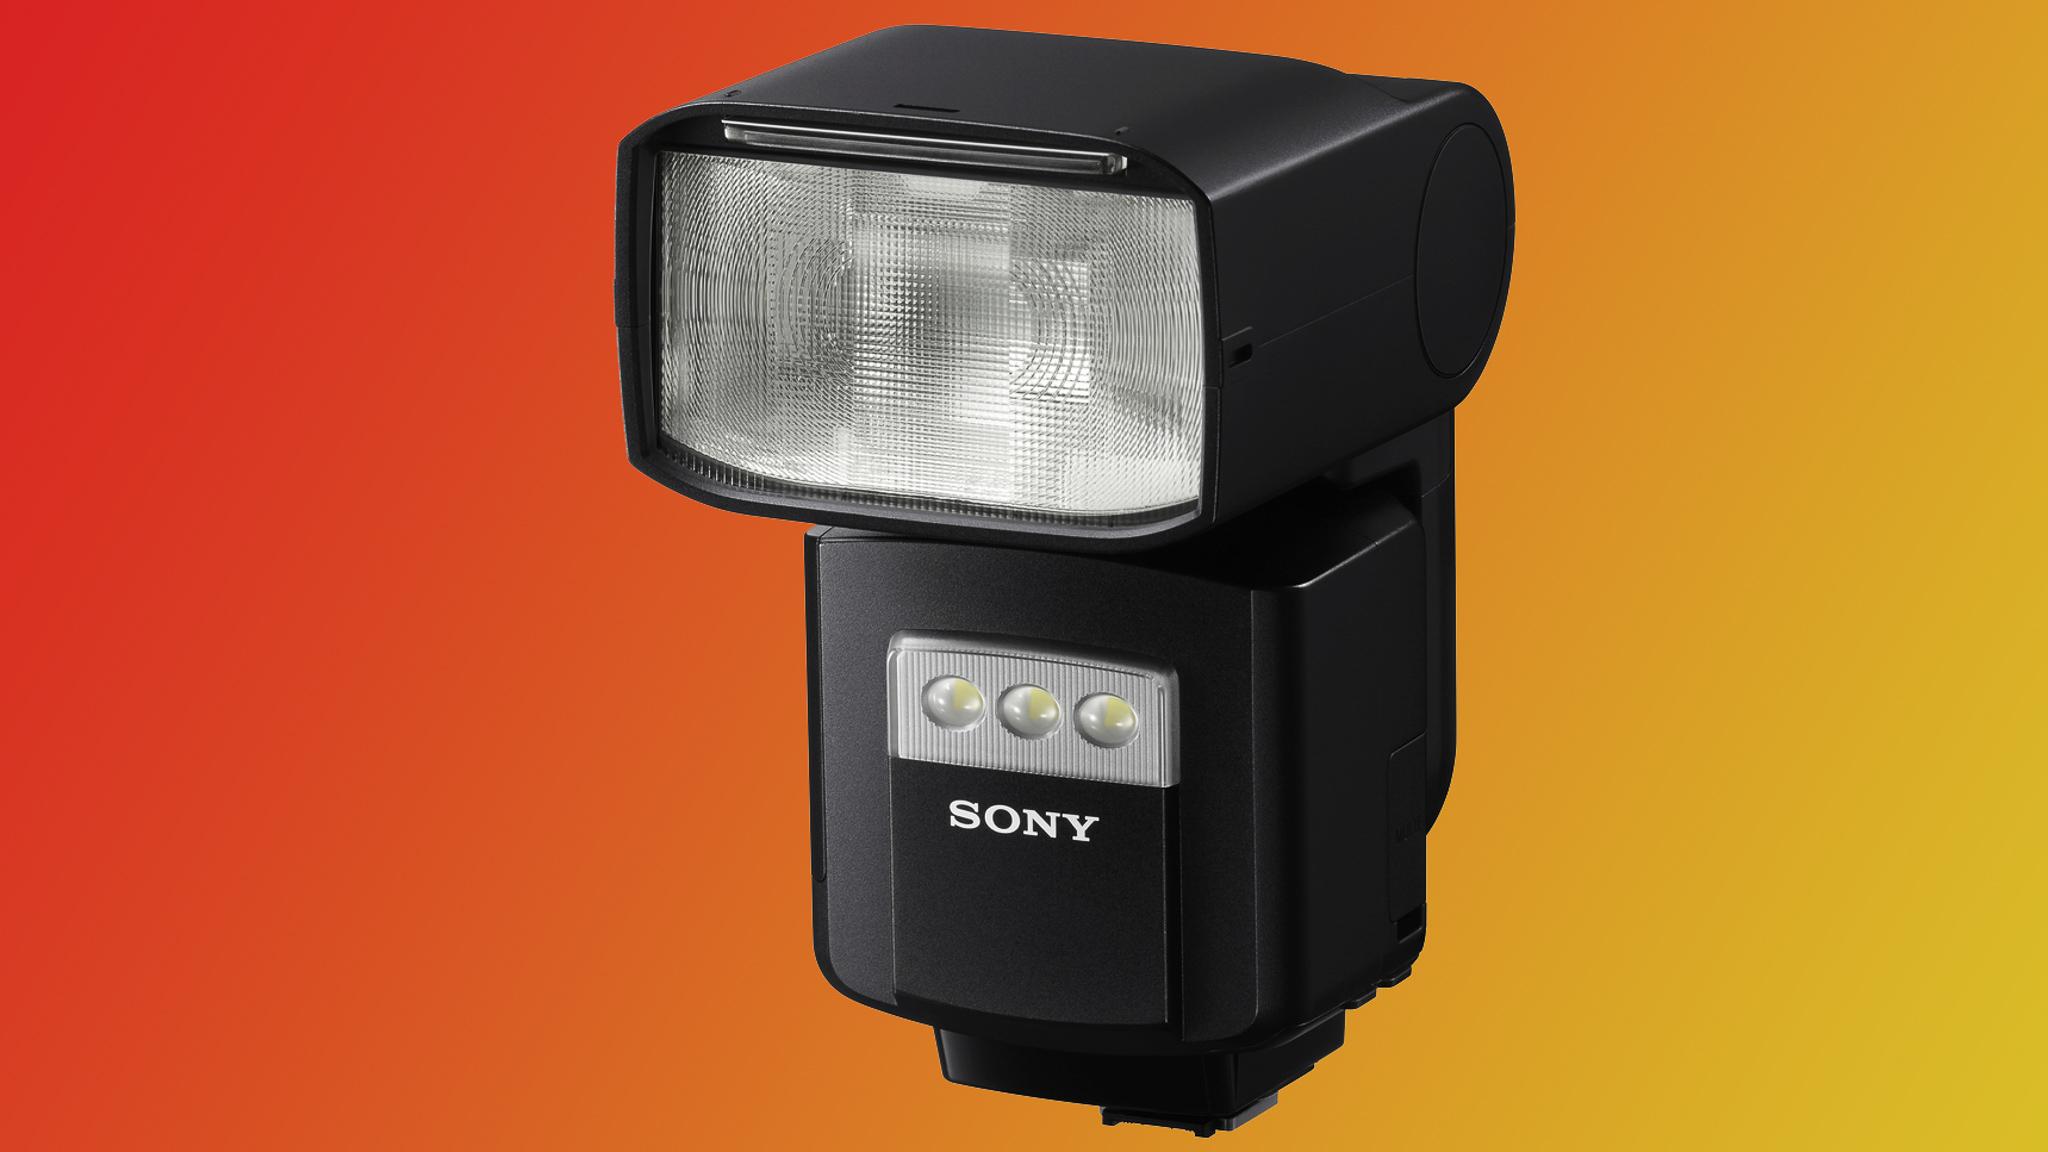 Sony HVL-F60RM